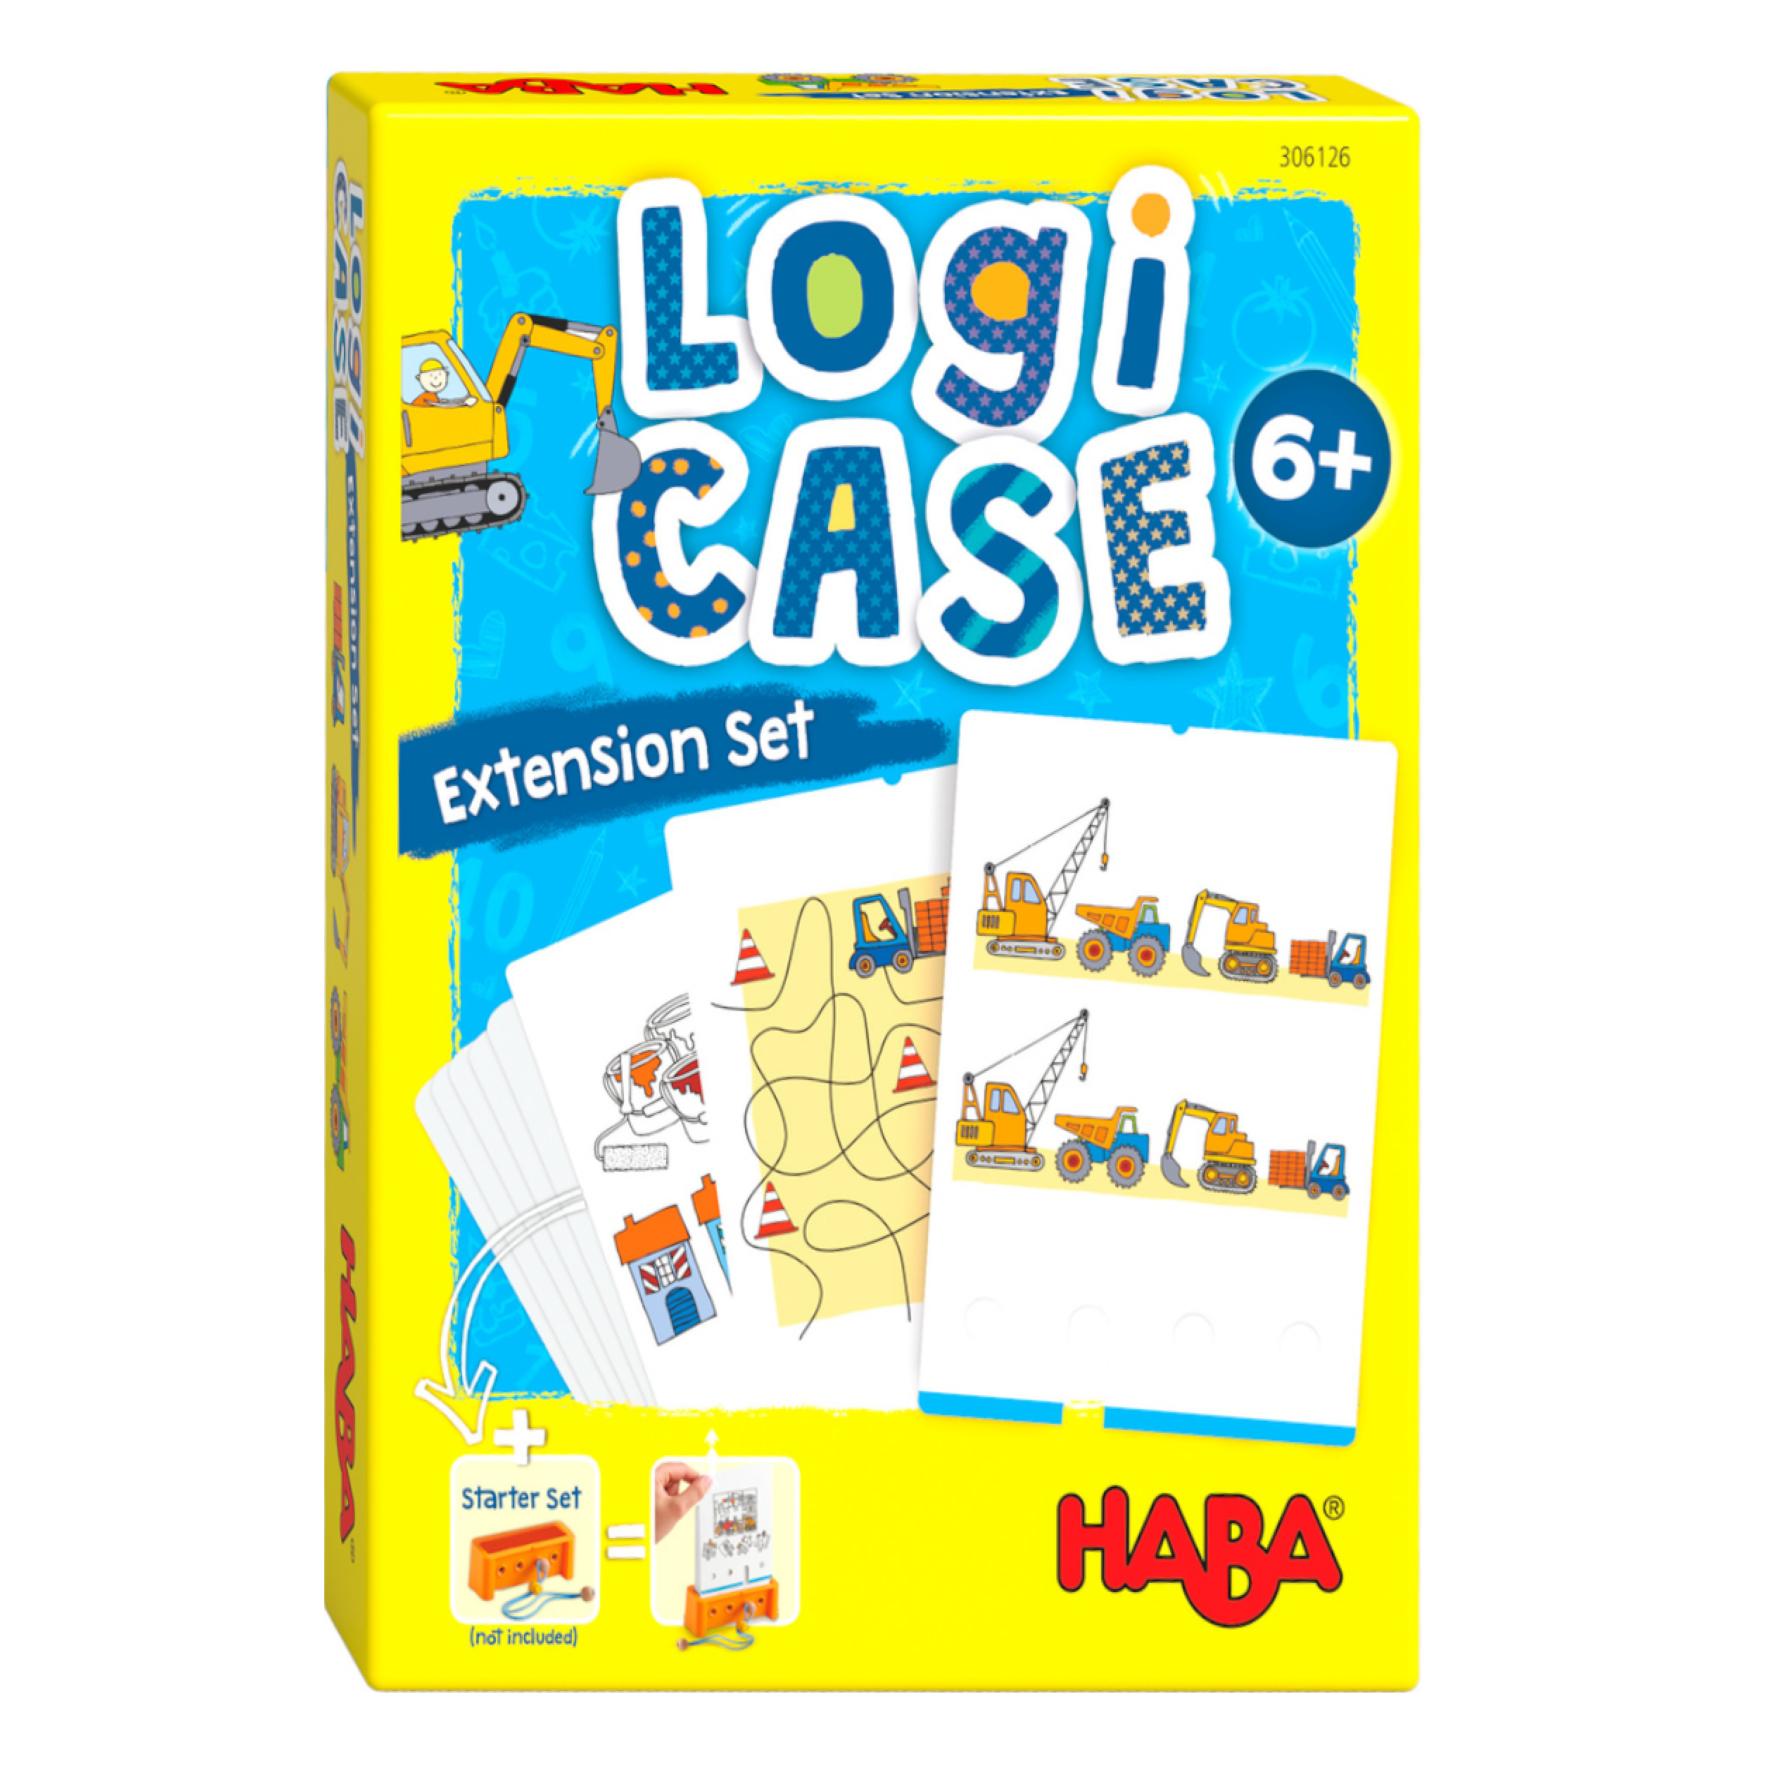 Spel - LogiCASE - Bouwplaats - Uitbreidingsset - 6+